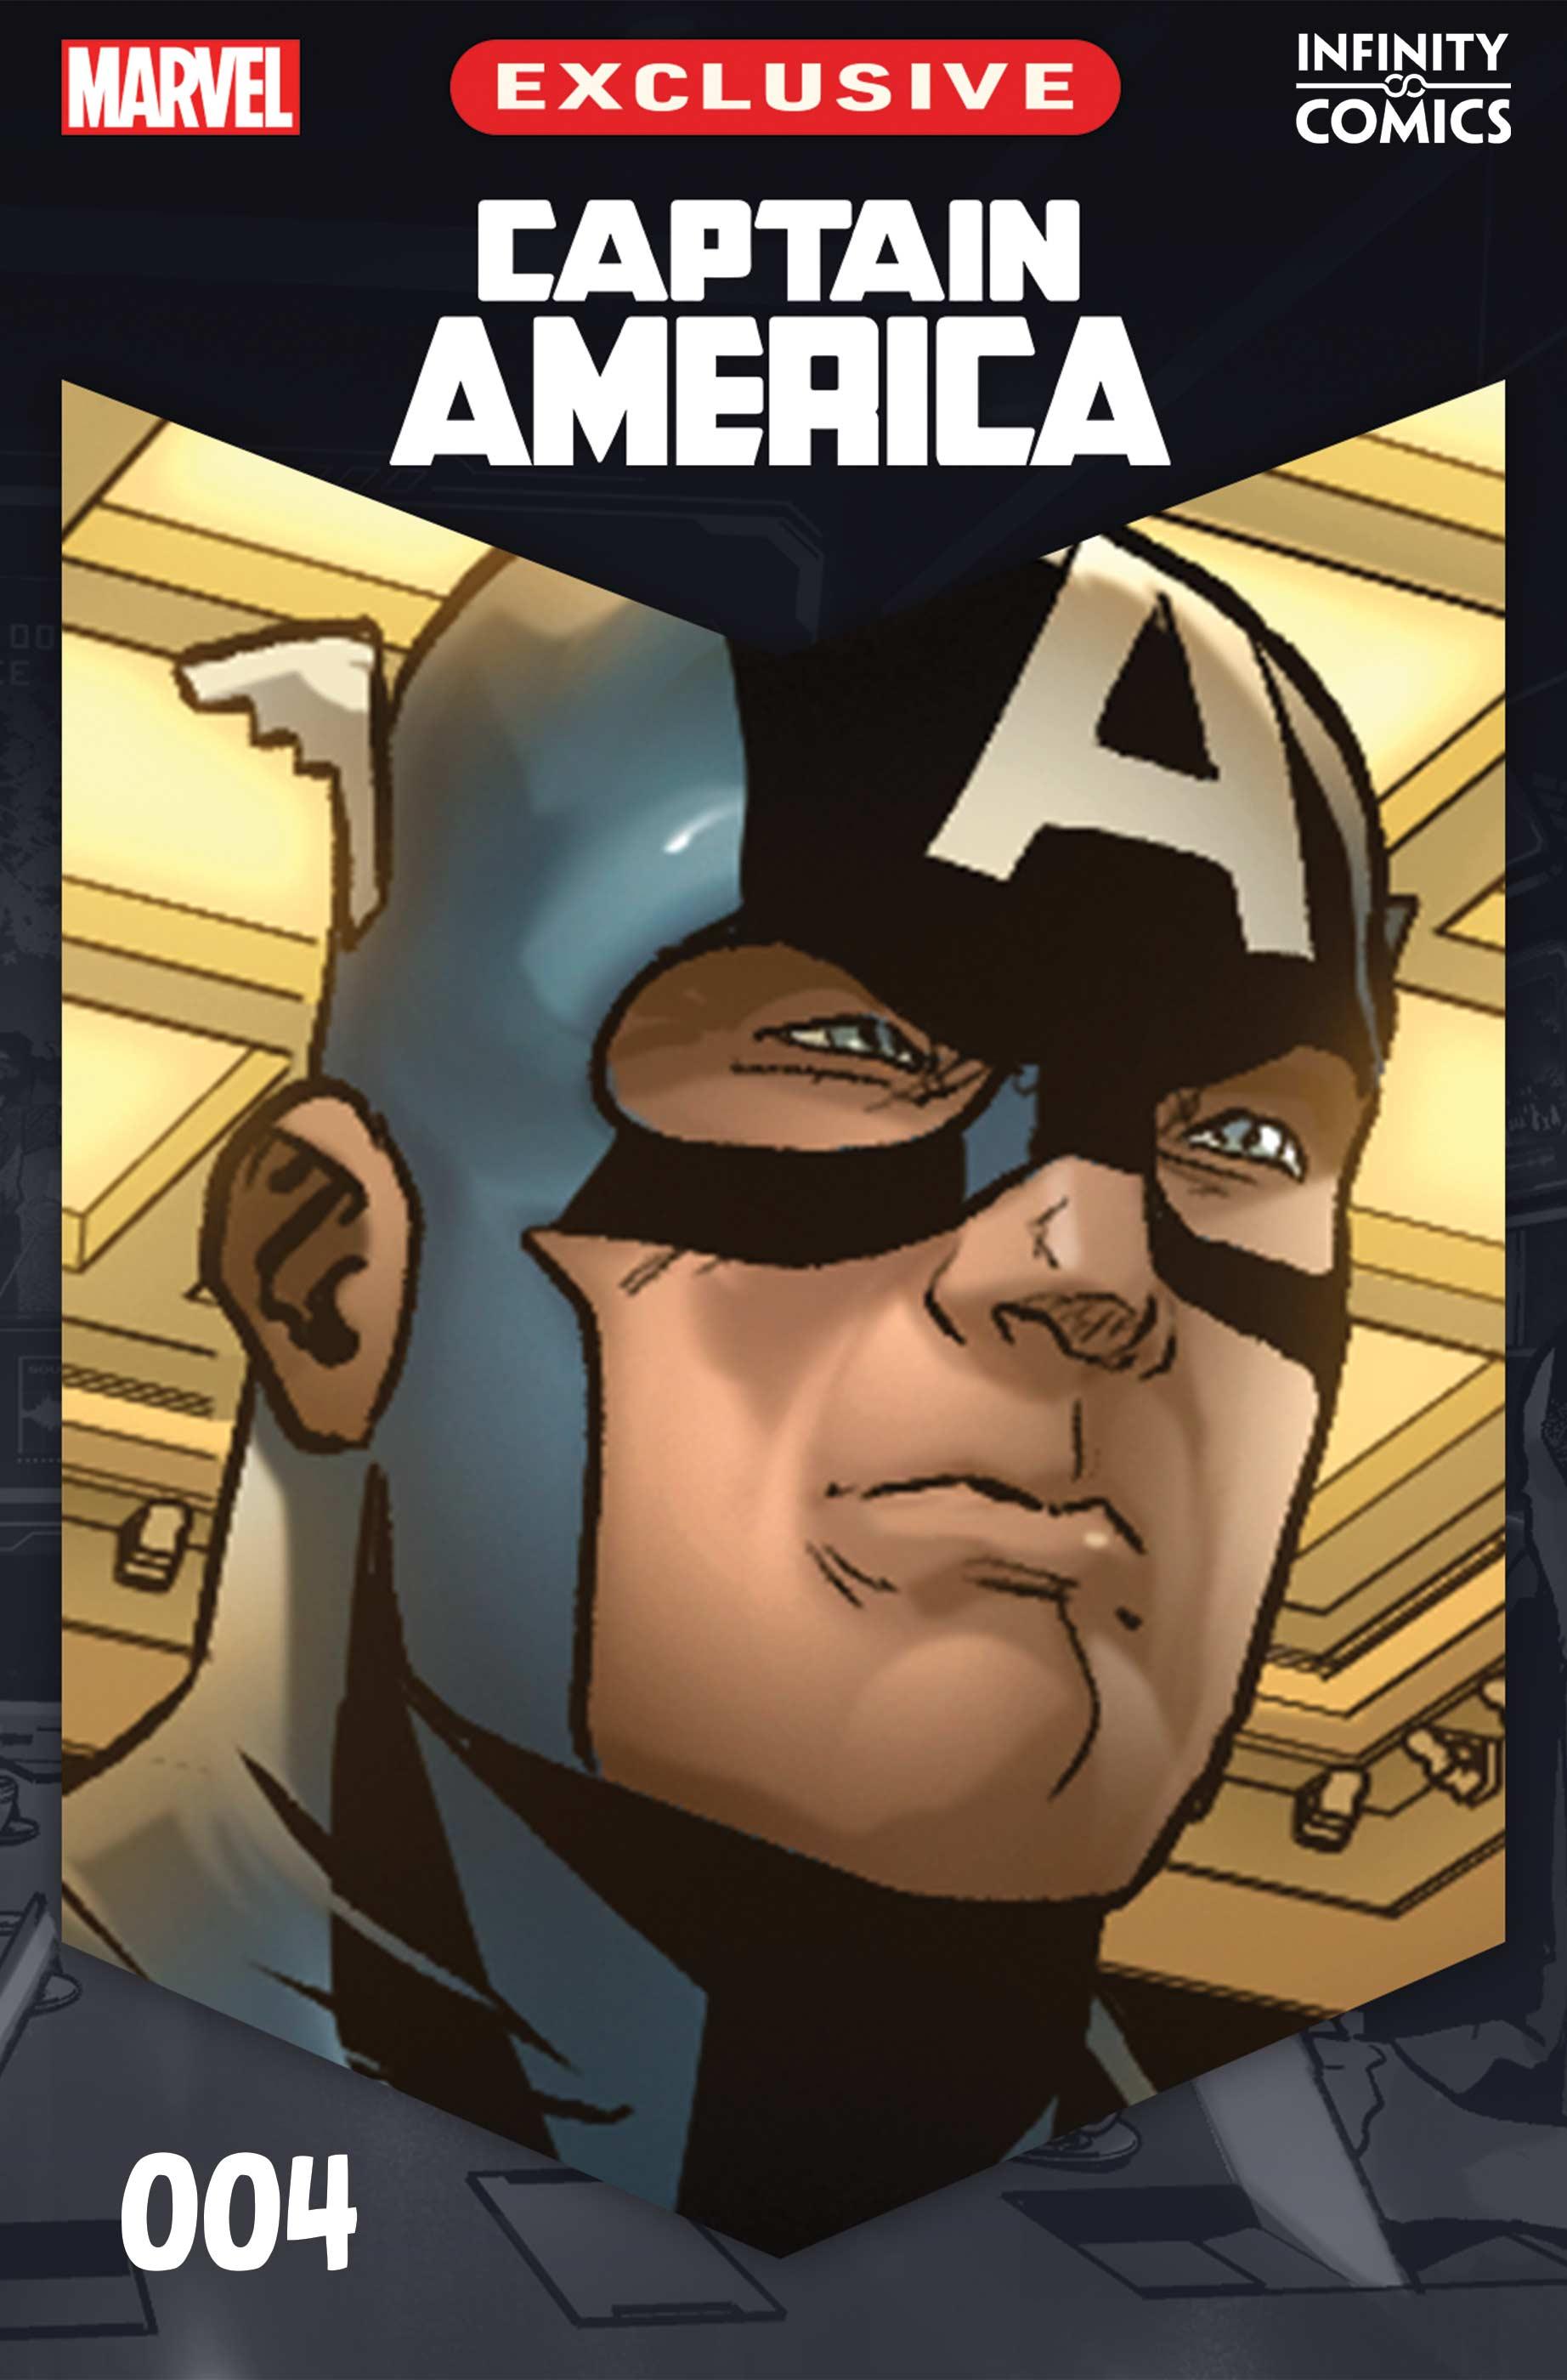 Captain America Infinity Comic (2021) #4